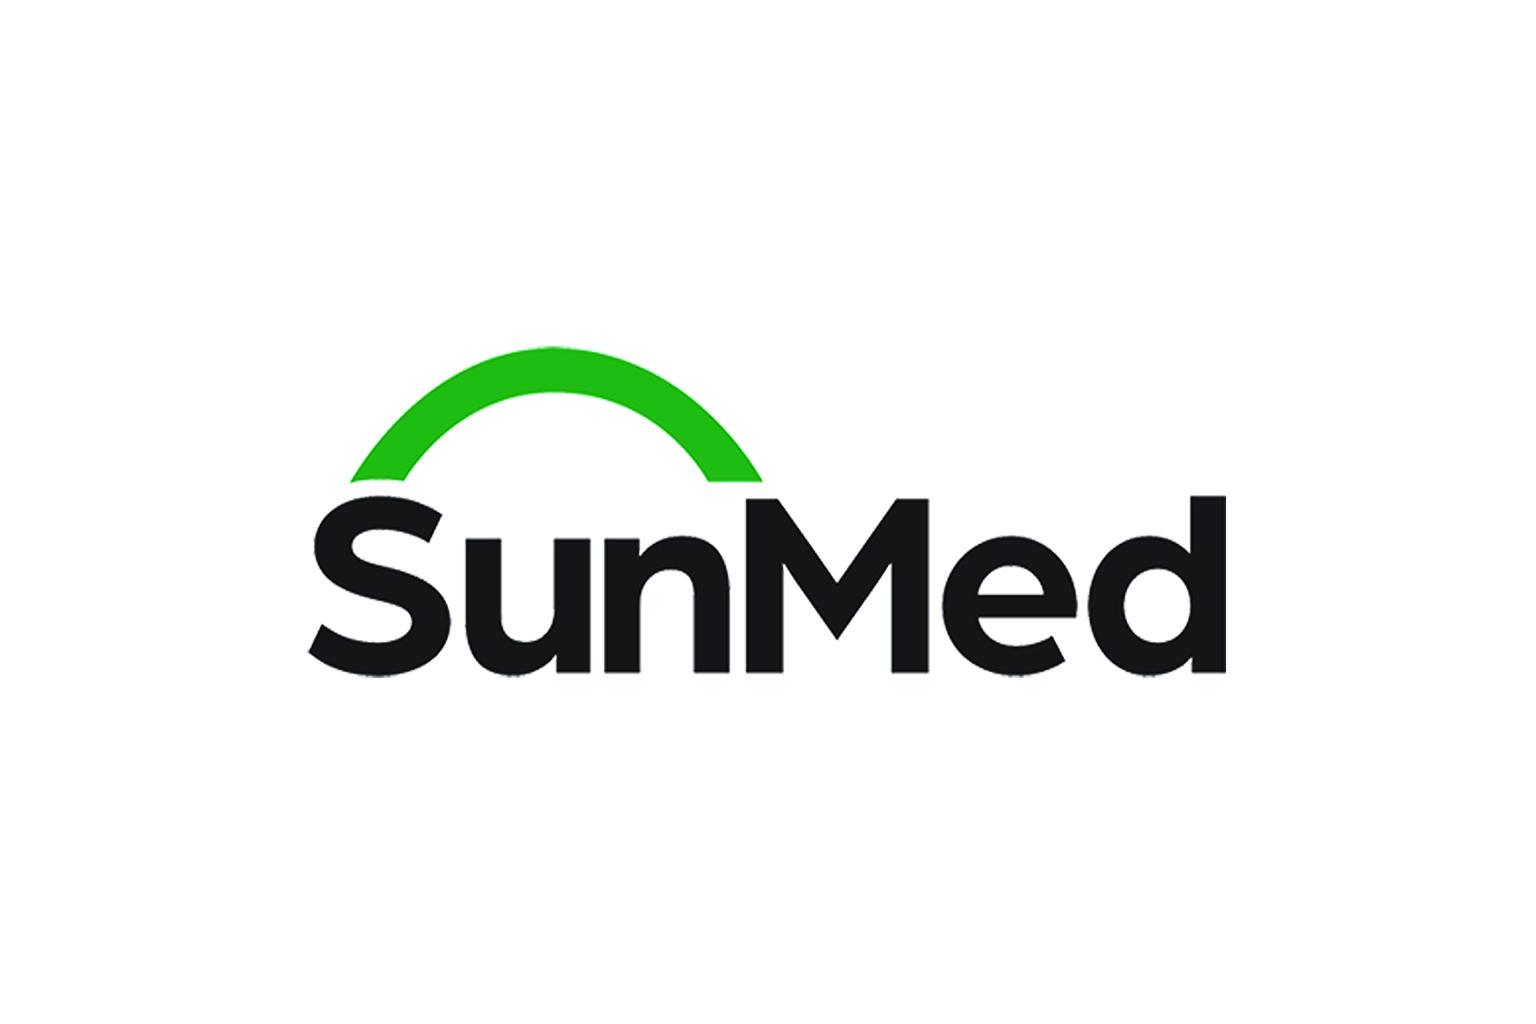 SUNMED3